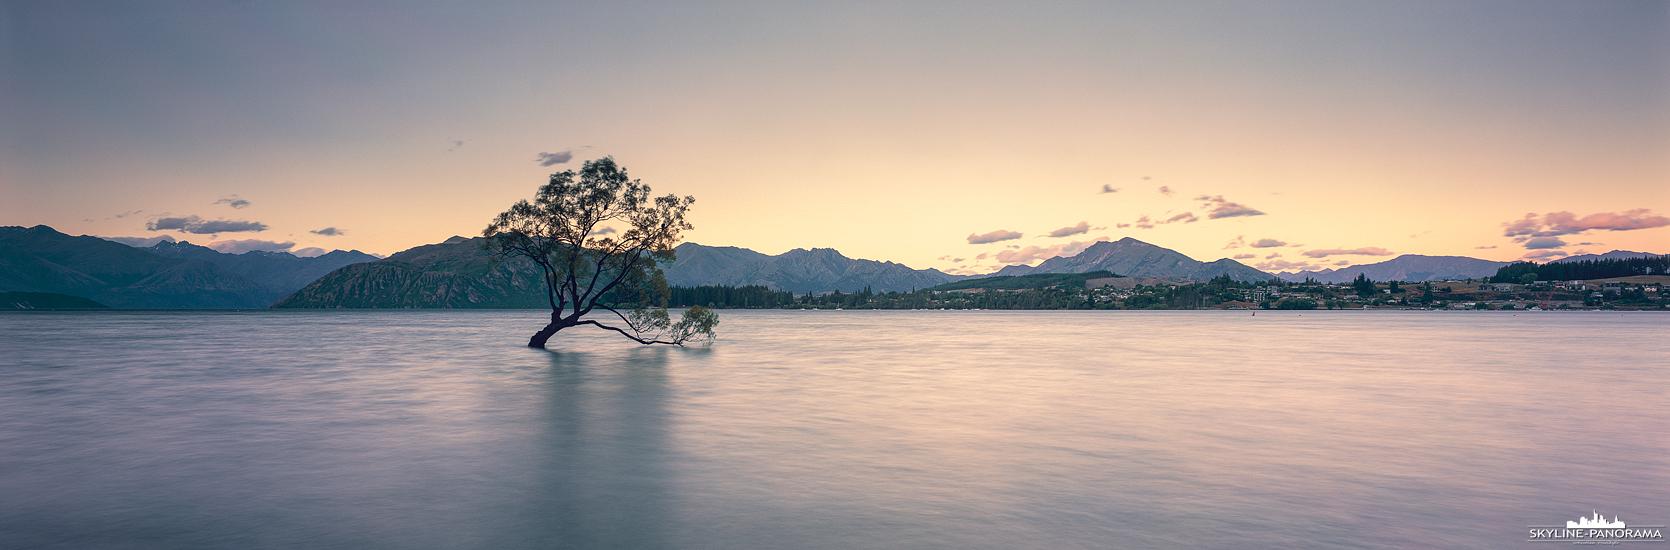 6x17 Panorama Neuseeland - Der berühmte einsame Baum vom Lake Wanaka auf der Südinsel von Neuseeland, ist hier noch in seiner urspünglichen Schönheit zu sehen. Mittlerweile wurde der Wanaka Tree leider an einem Ast beschädigt, wodurch er etwas von seinem malerischen Aussehen verloren hat.